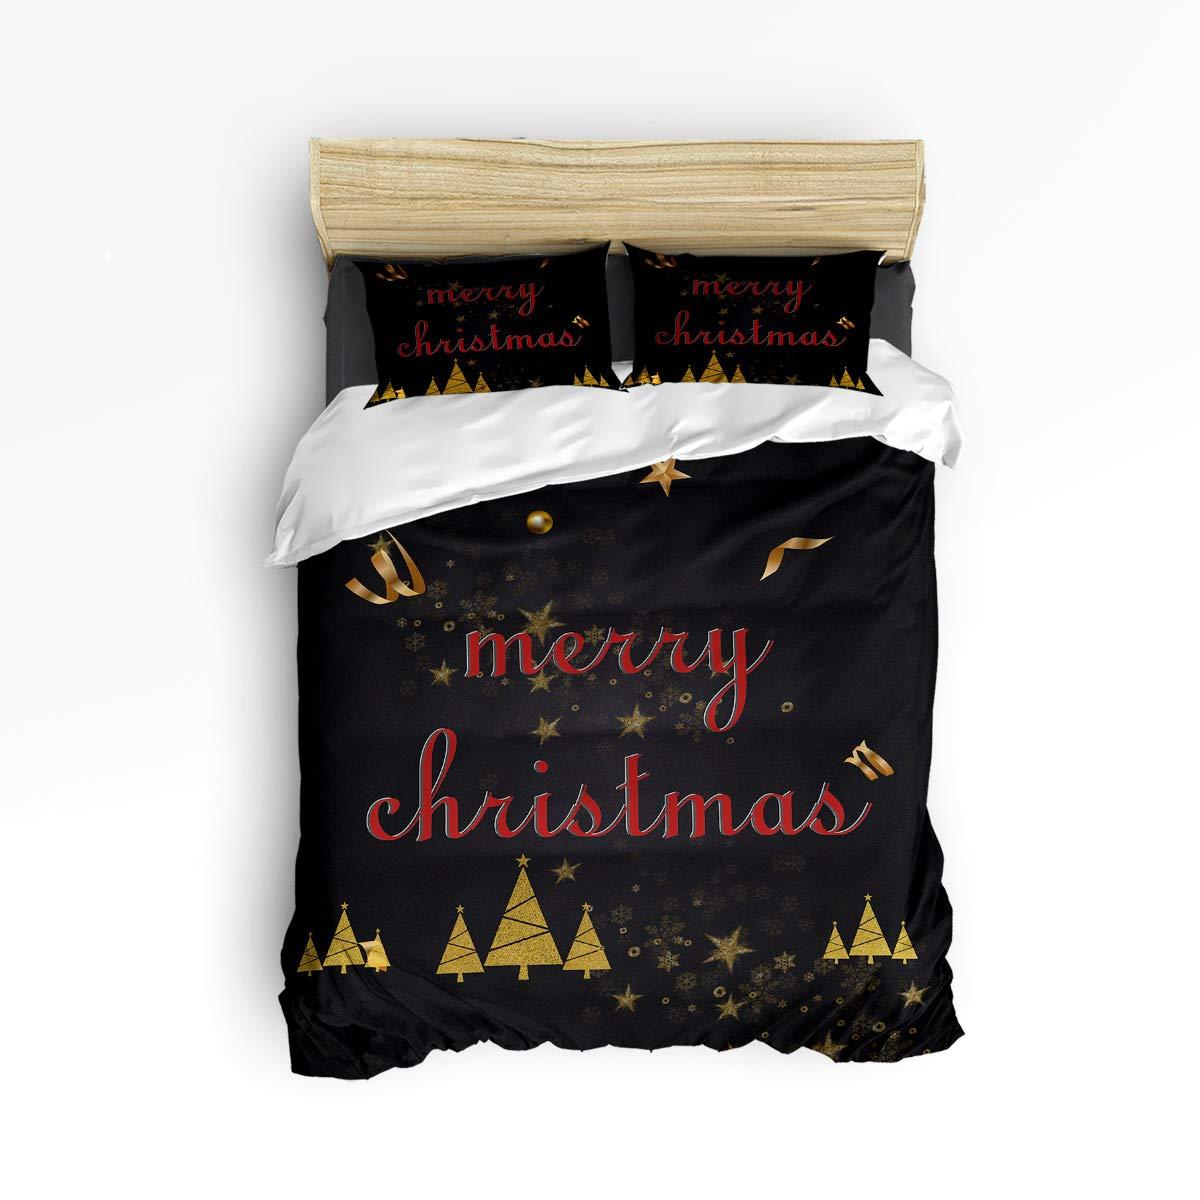 Z&L Home メリークリスマス 寝具4点セット 掛け布団カバー ブラックとゴールド ラグジュアリー ソフト フラット シーツセット 装飾枕カバー付き ティーン ガールズ ボーイズ メンズ レディース キッズ ツイン LFFMARNM11210EWLYX-SWTQ01382SJTAZLH B07KR14SQY Merry Christmas ツイン